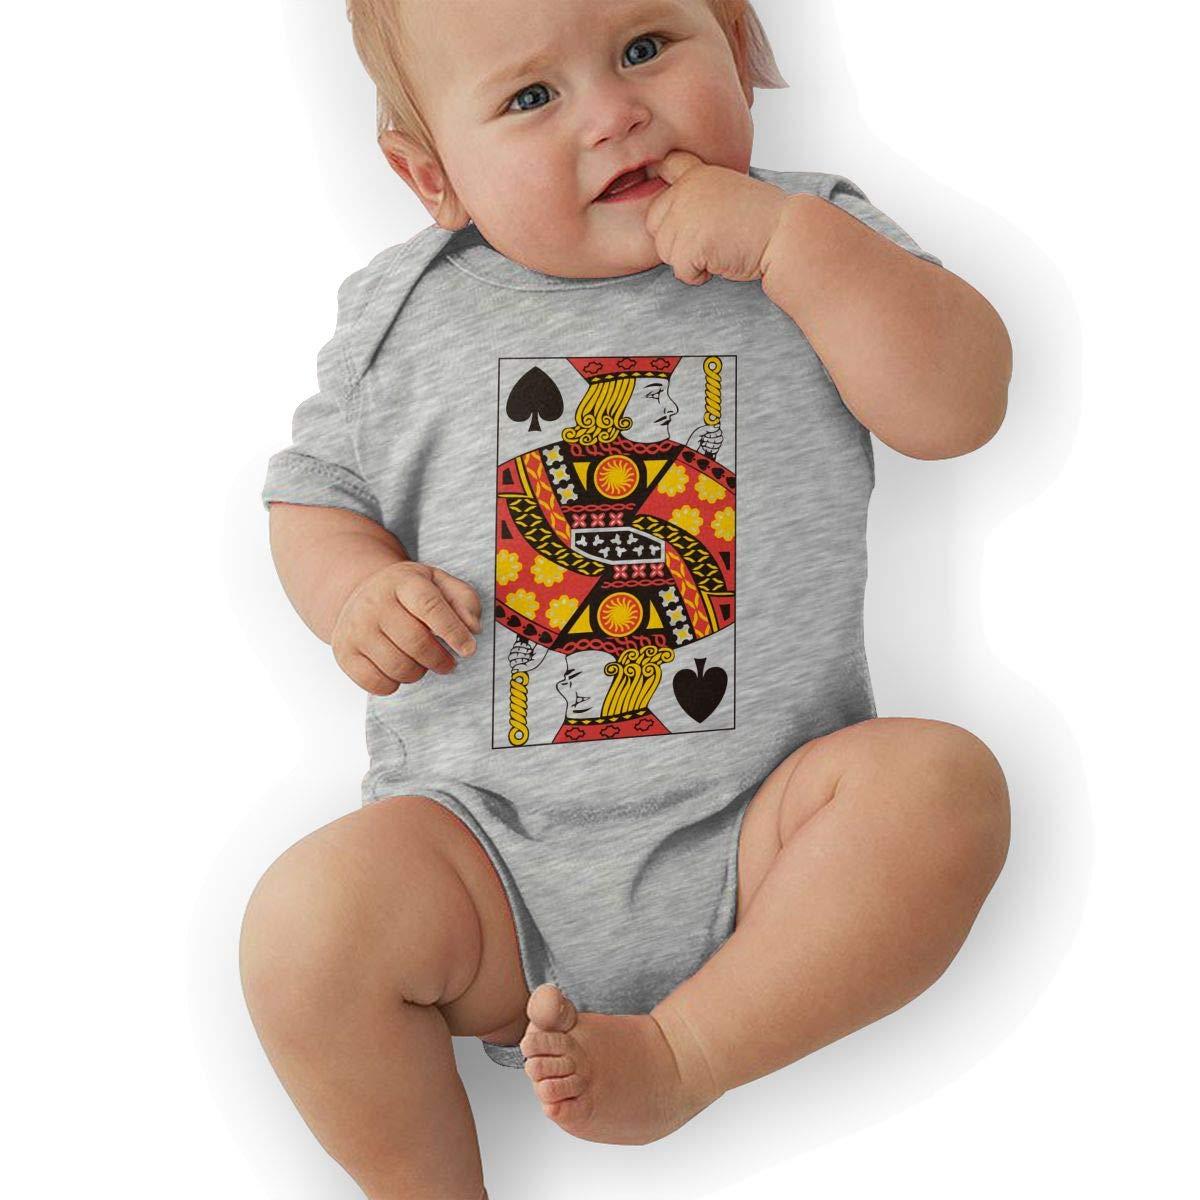 Poker J Newborn Baby Short Sleeve Romper Infant Summer Clothing